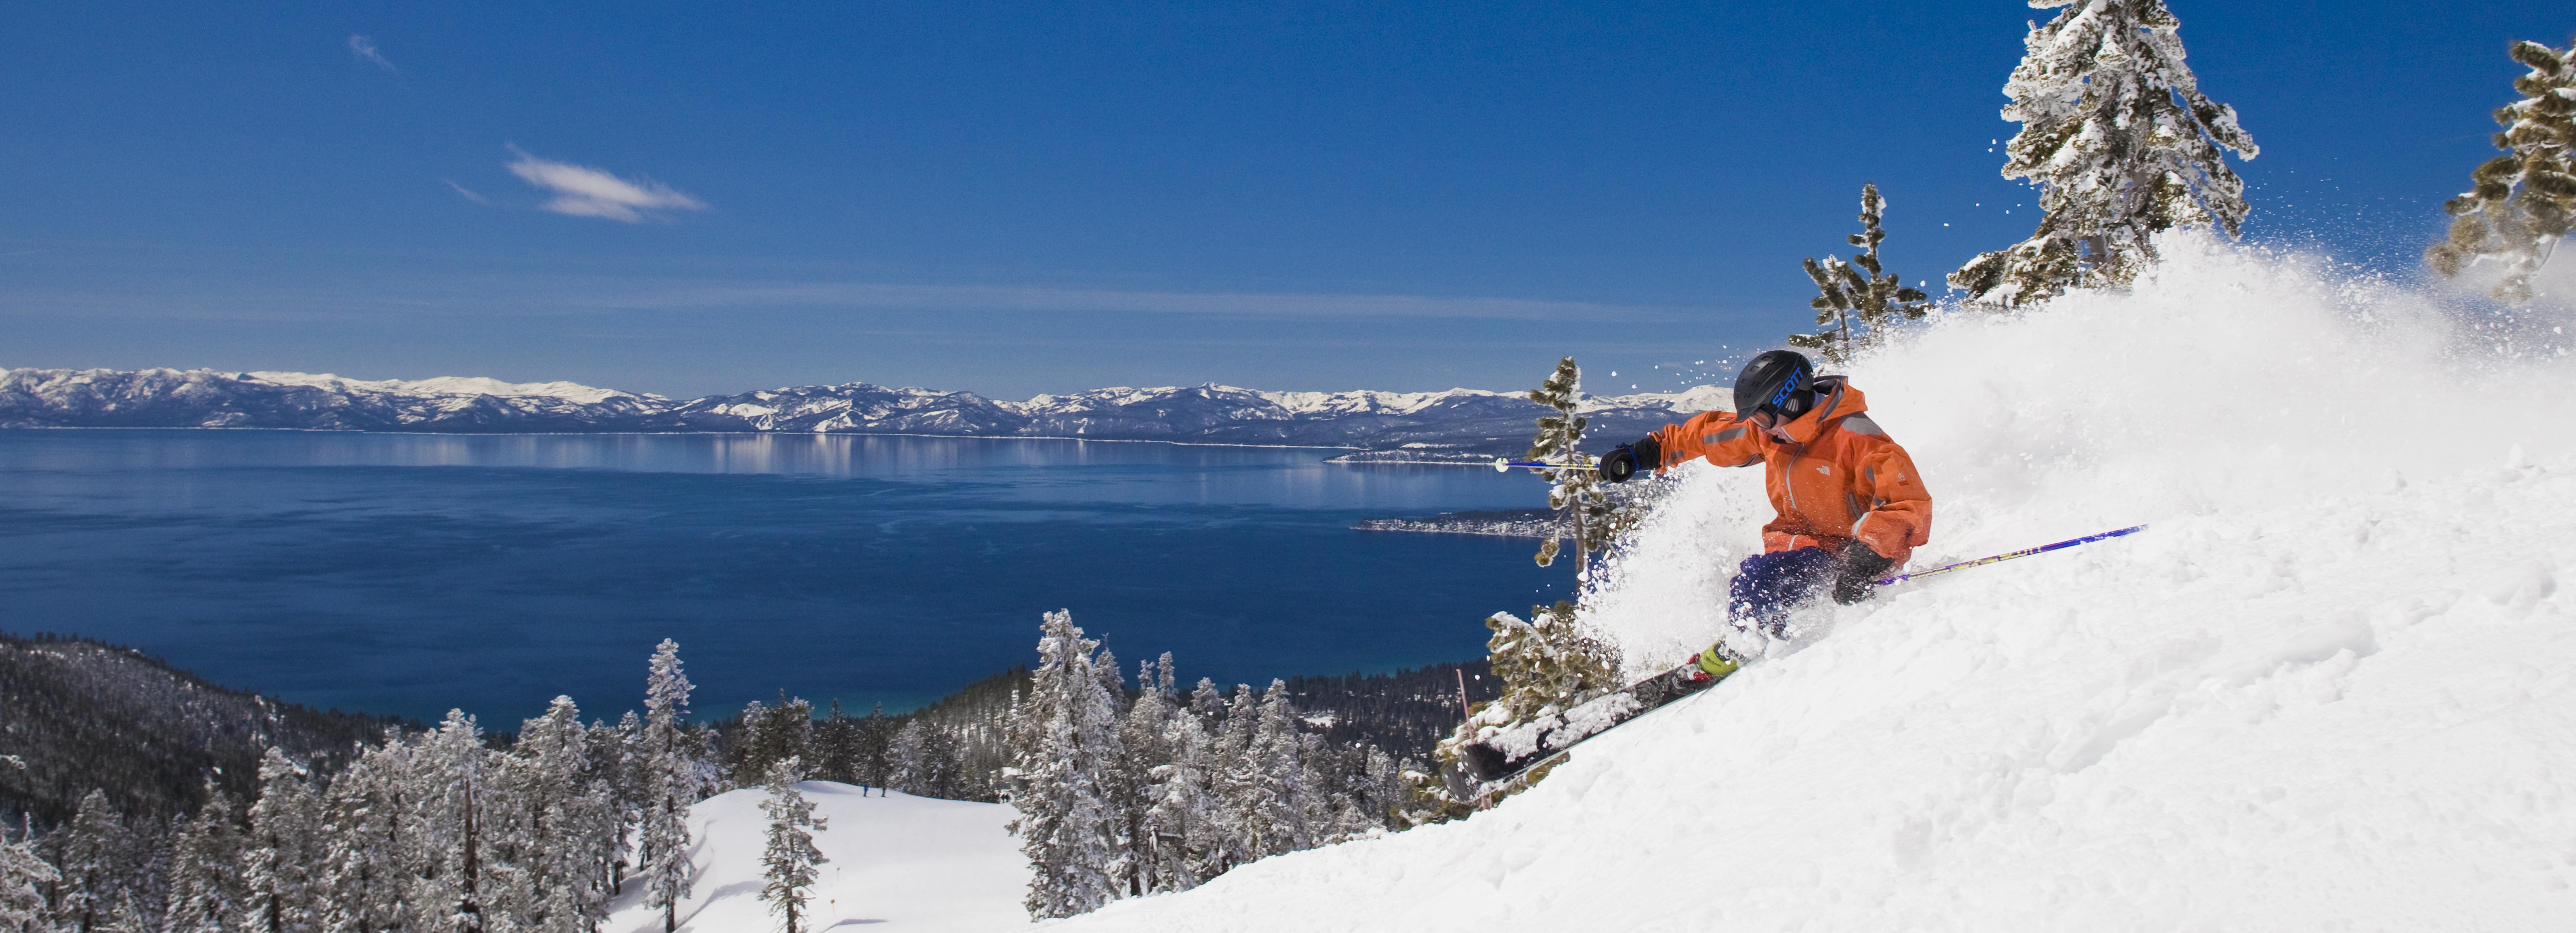 _mg_9644-ski-tahoecropped